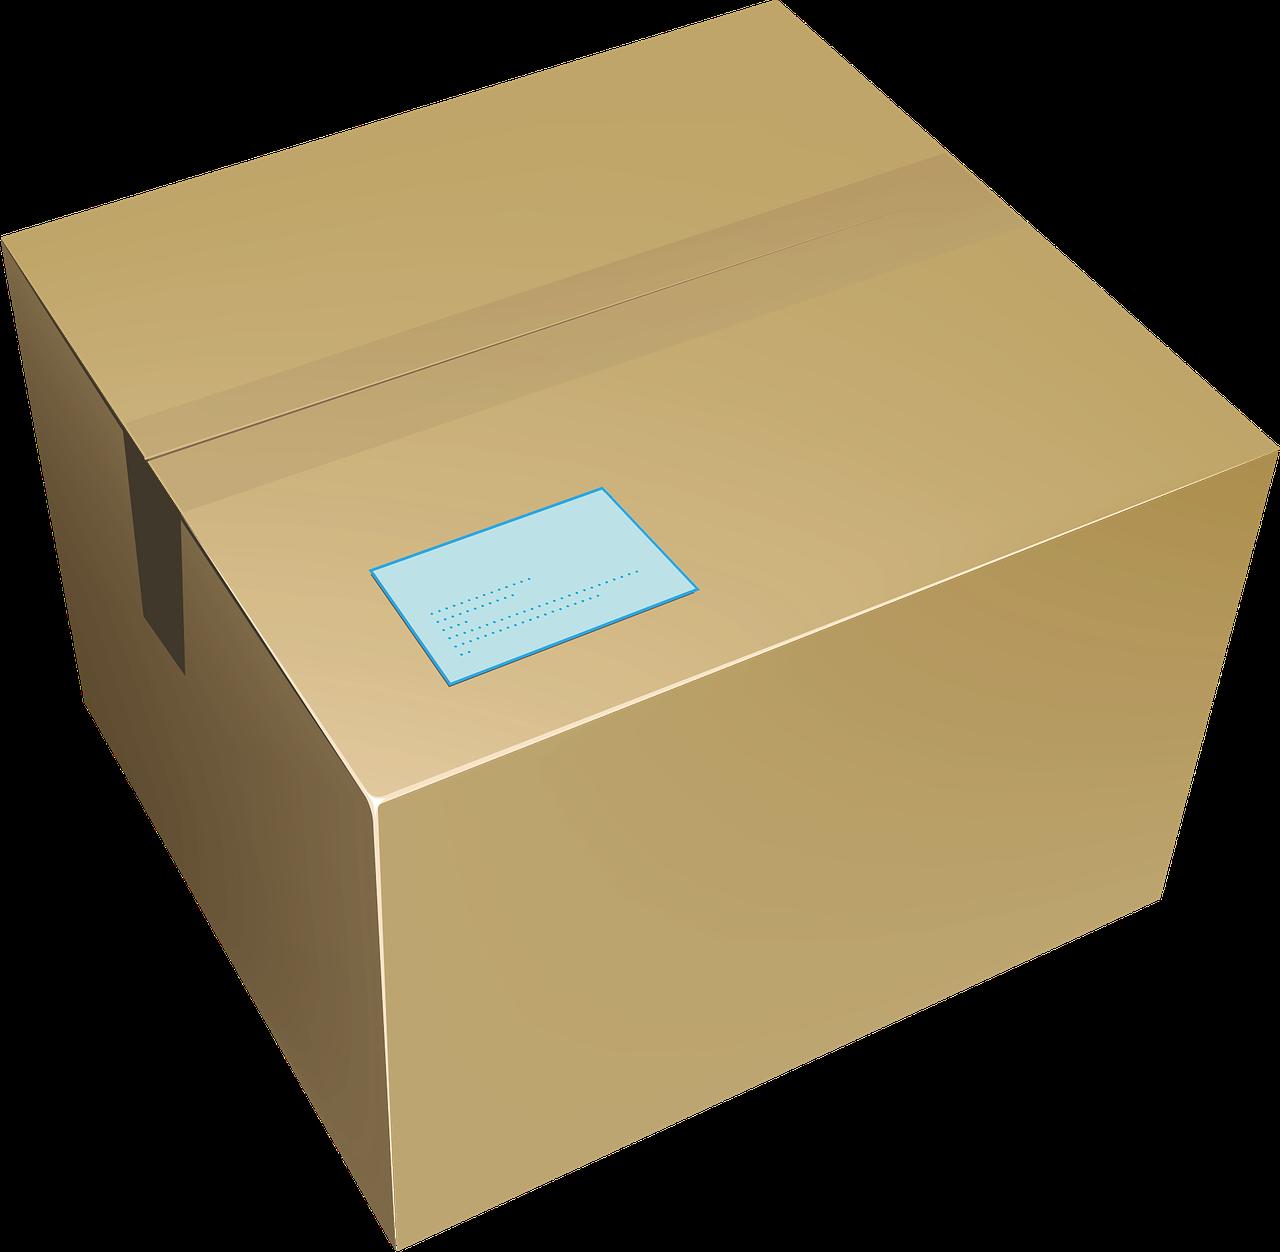 Kartox: Cajas a medida para tiendas online